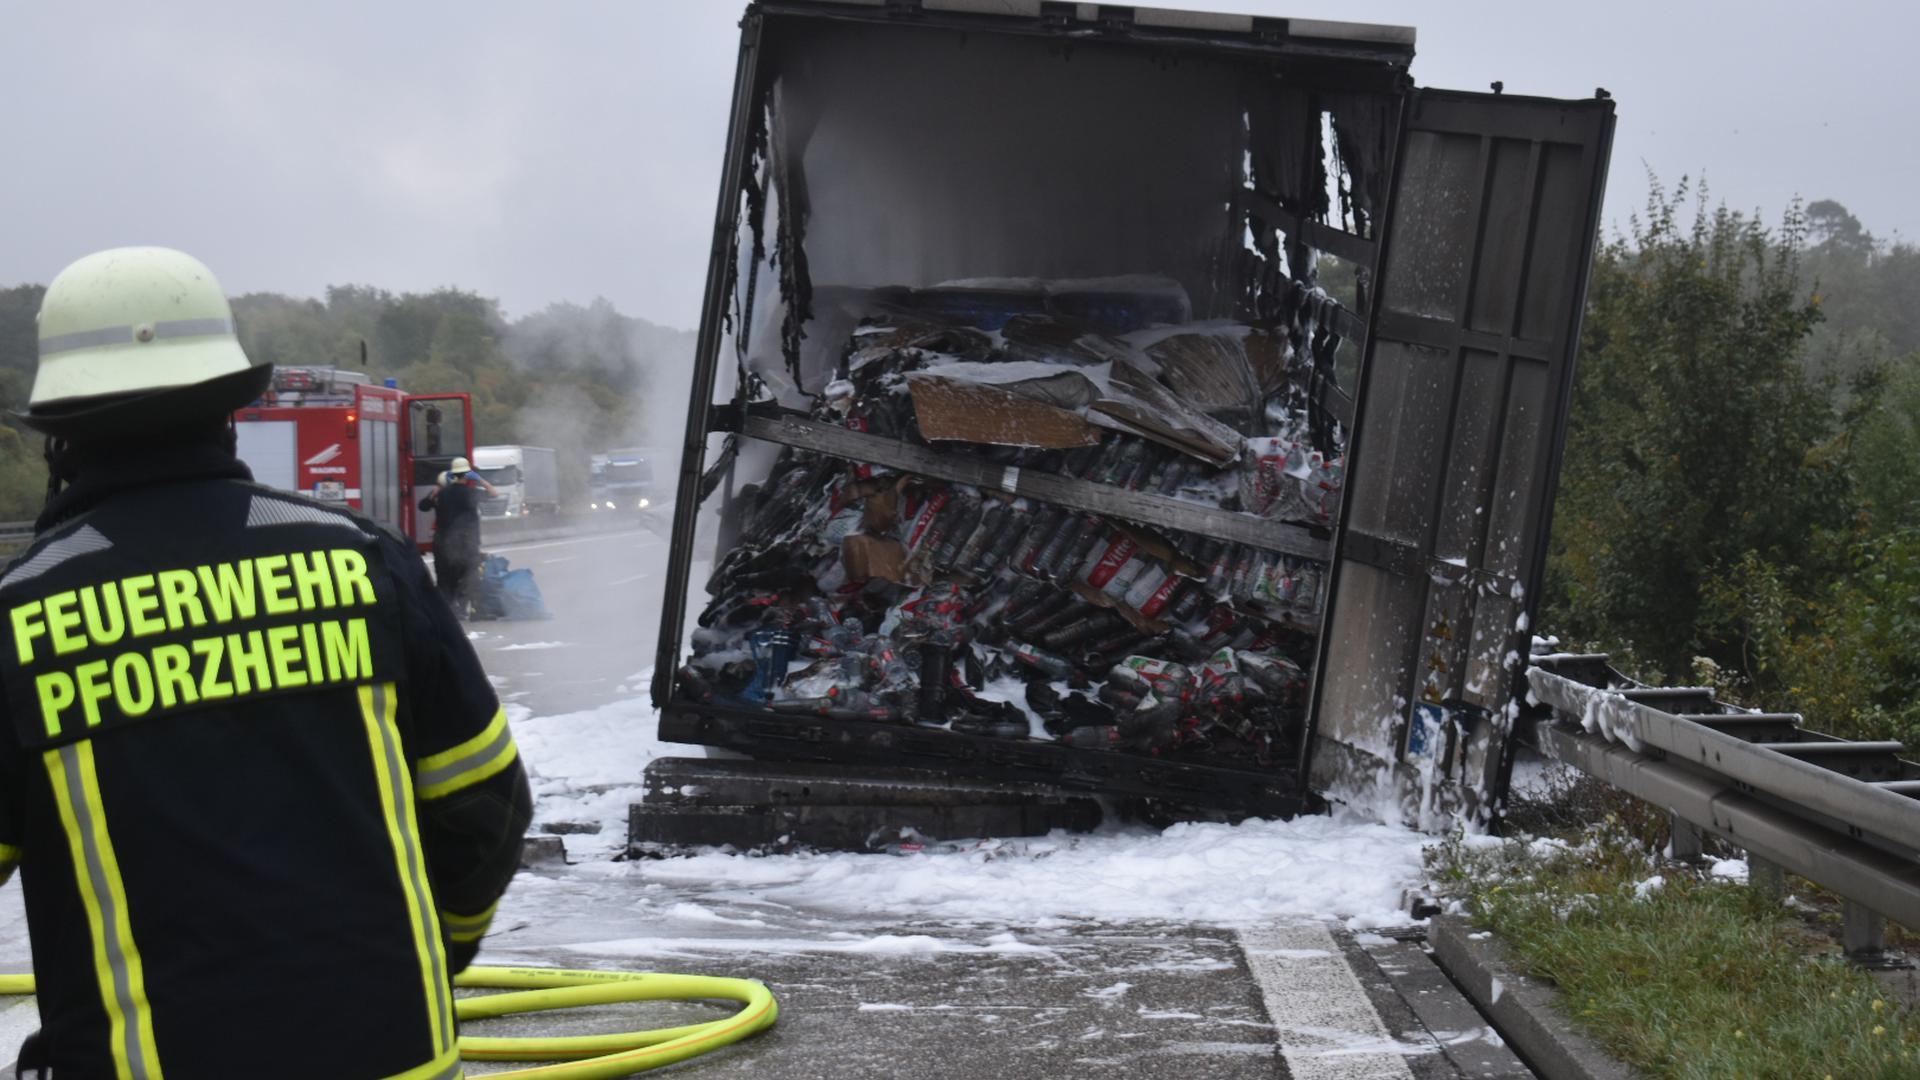 Der Brand eines LKW-Aufliegers hat am Dienstagmorgen für erhebliche Behinderungen auf der A8 bei Pforzheim gesorgt.